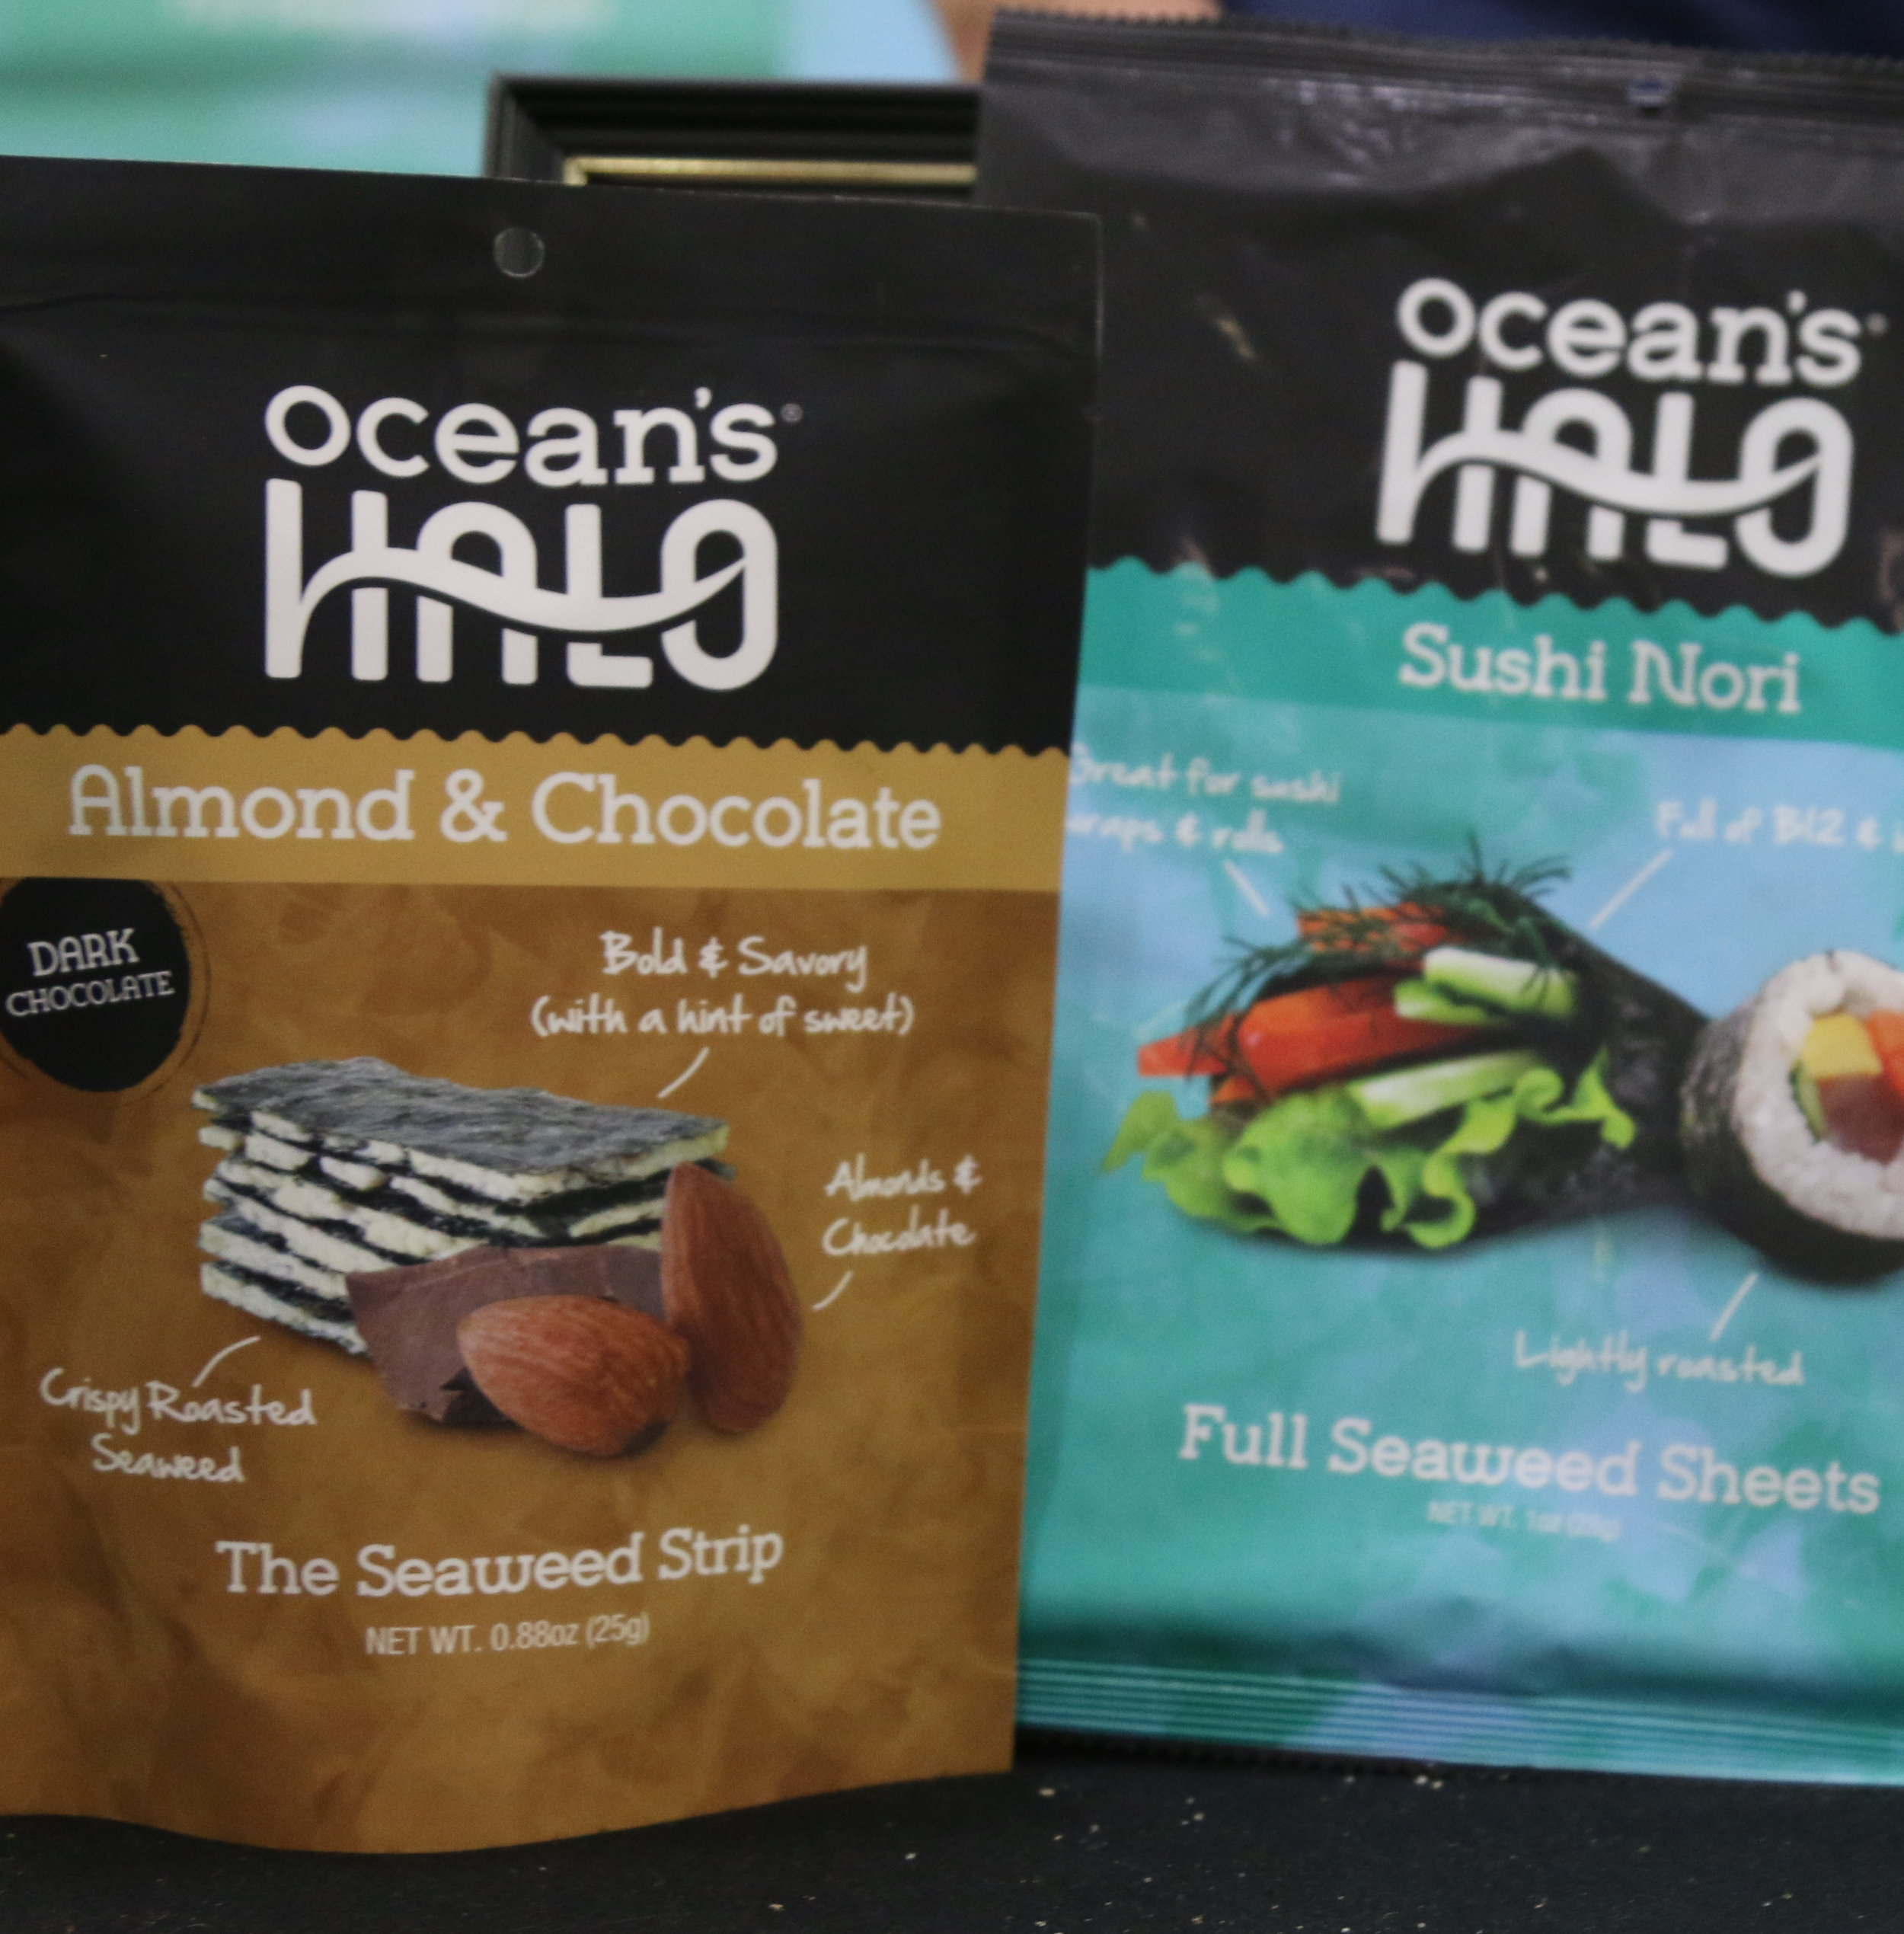 Photo via New Frontier Foods Facebook